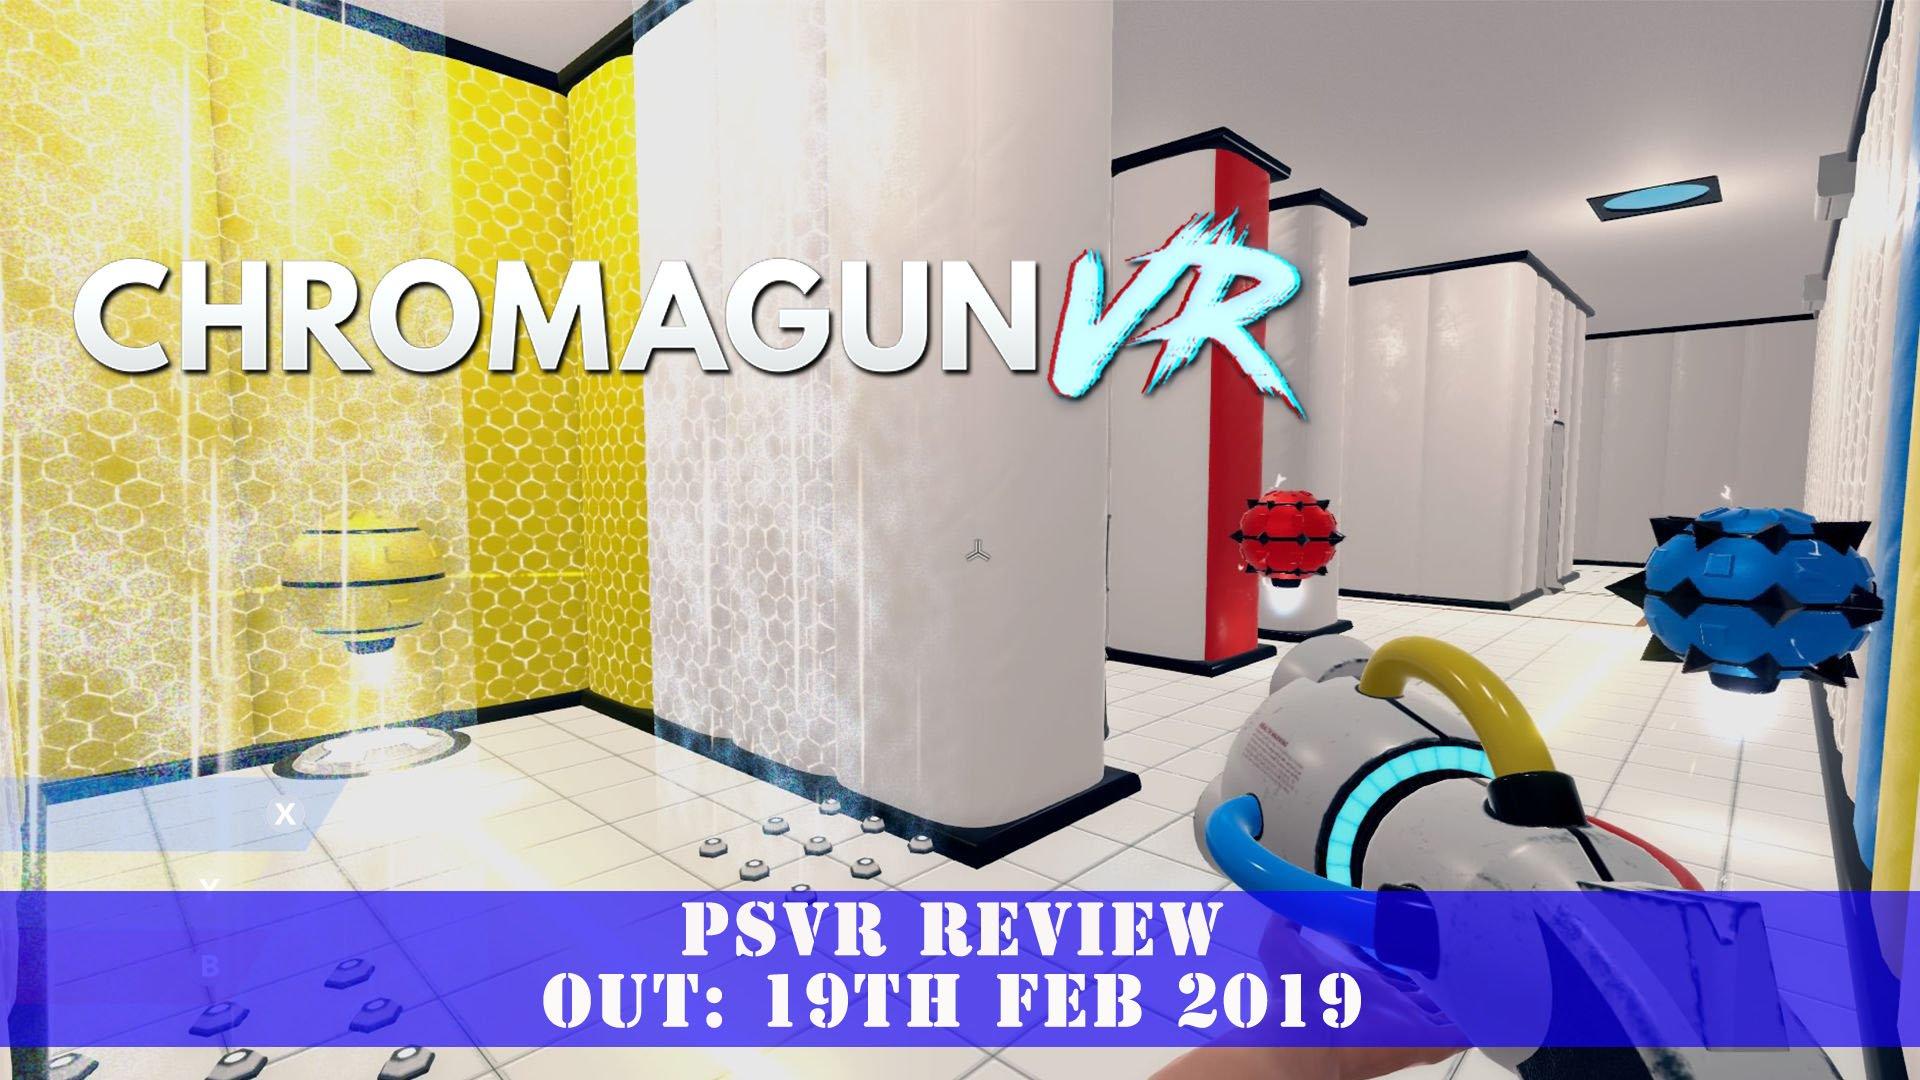 ChromaGun VR (PSVR) Review